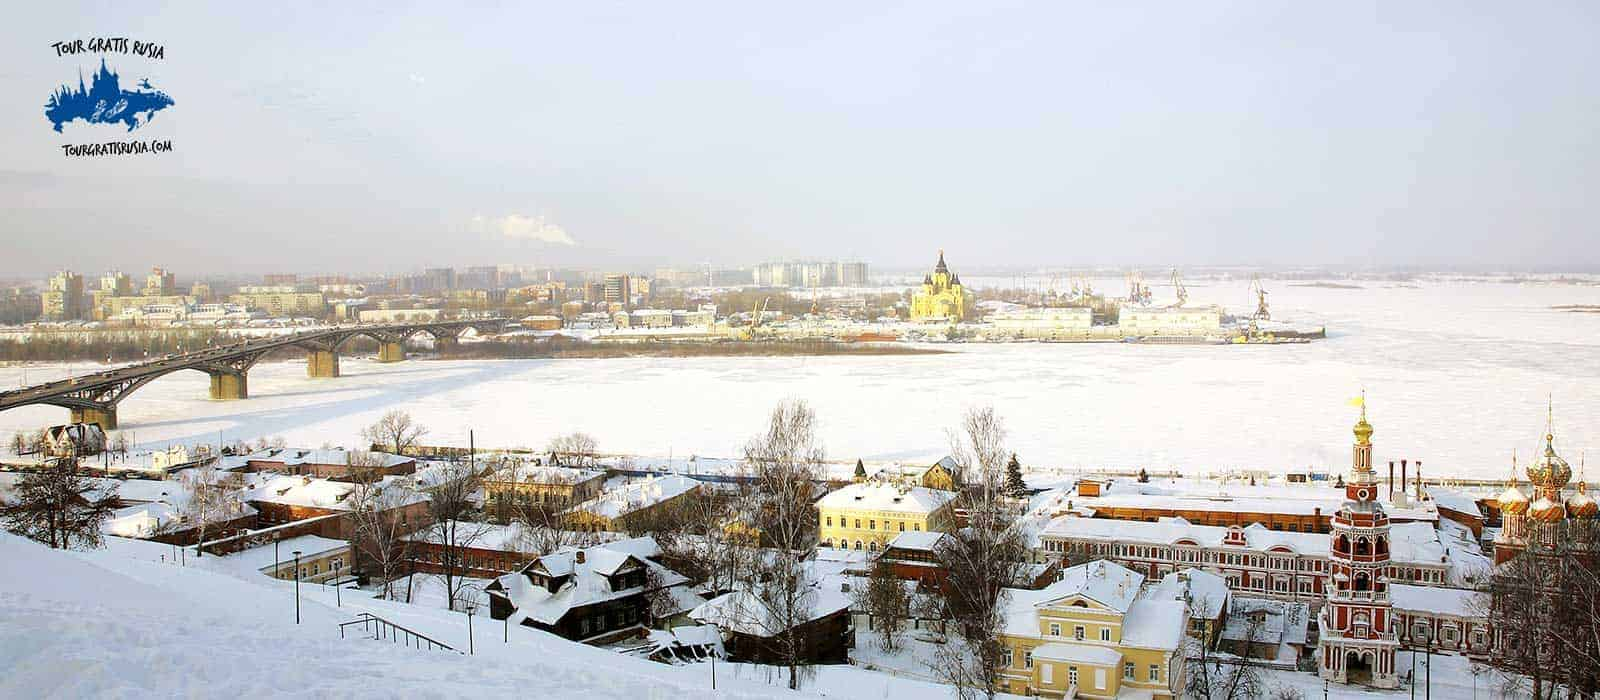 Tour de invierno en Nizhni Novgorod